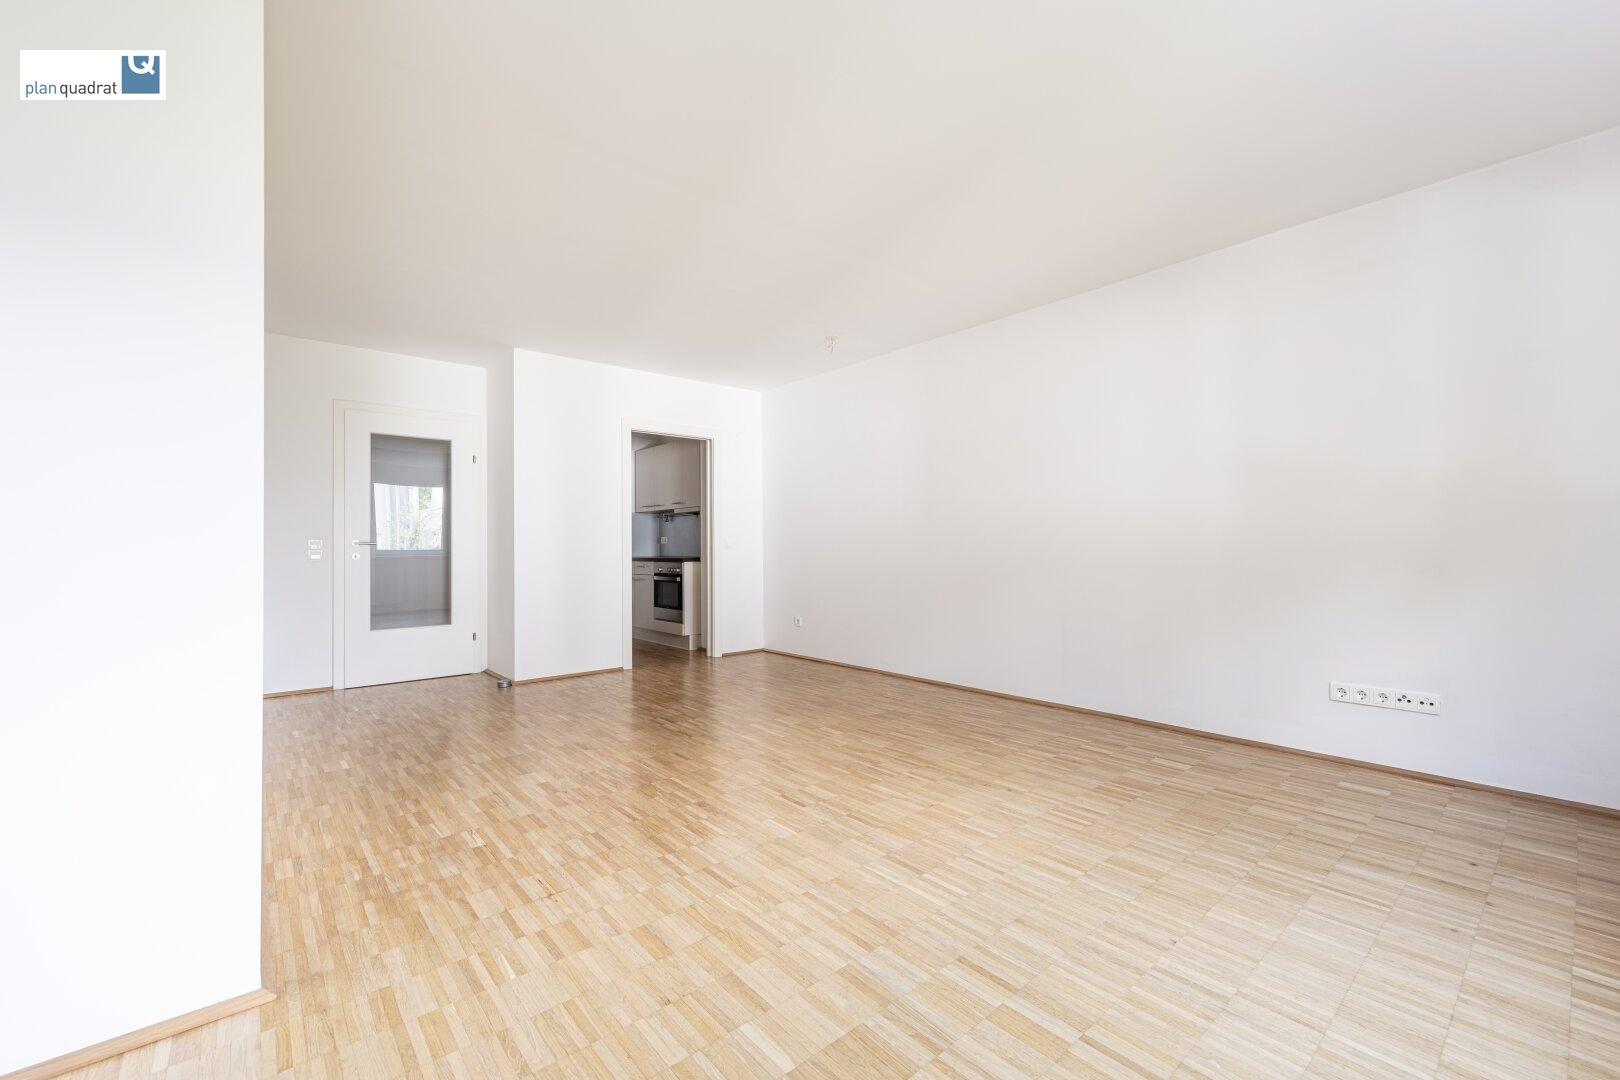 Wohn- / Esszimmer (ca. 26,60 m²) mit Zugang zur Küche